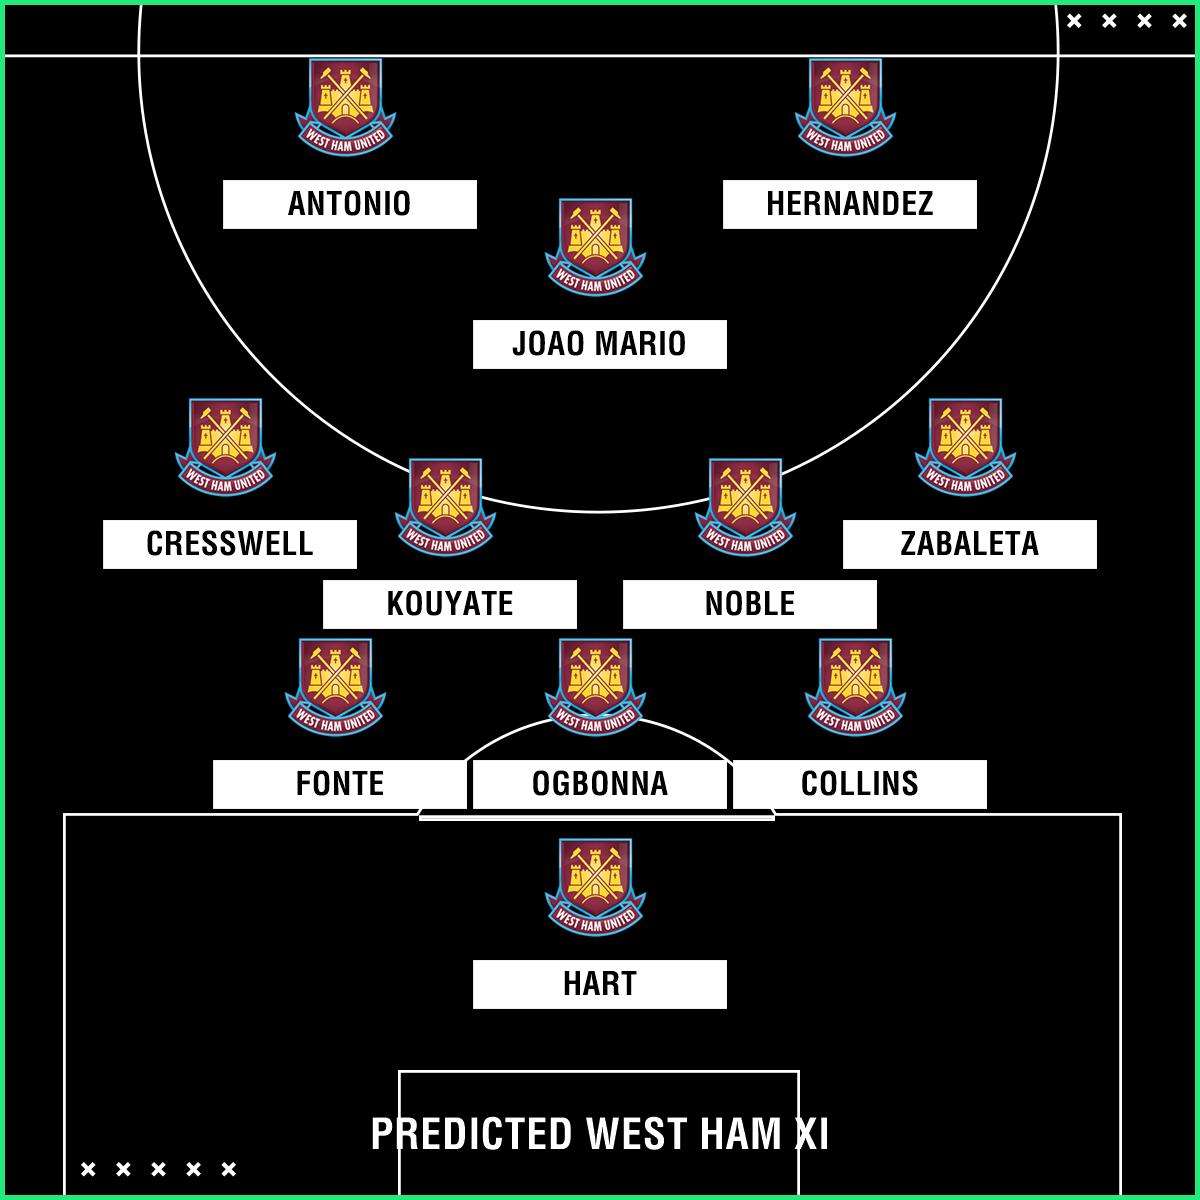 Predicted West Ham XI